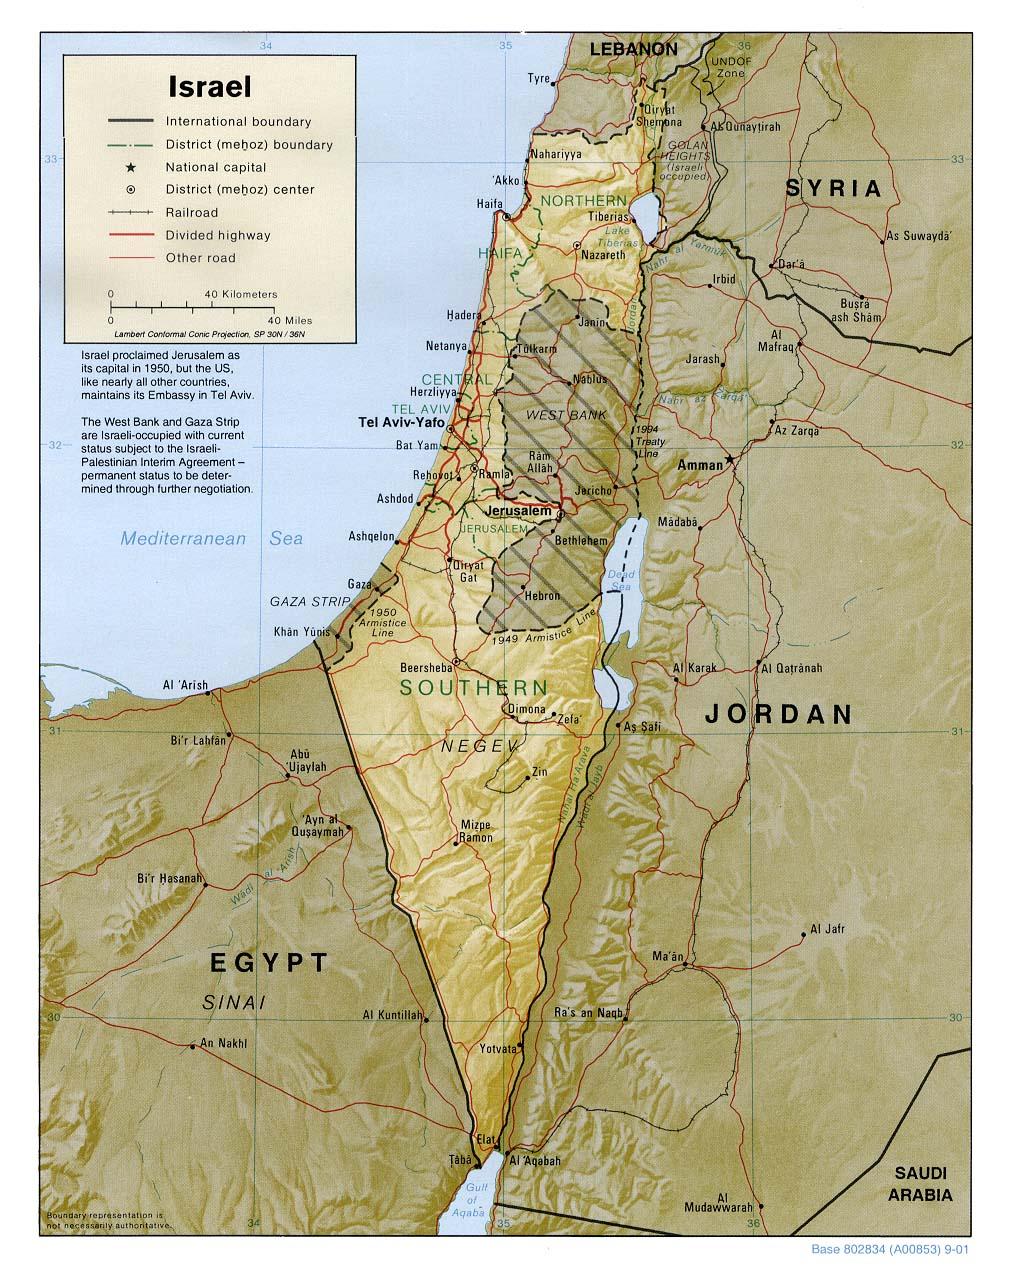 Carte avec Relief et pays limitrophes - Israël